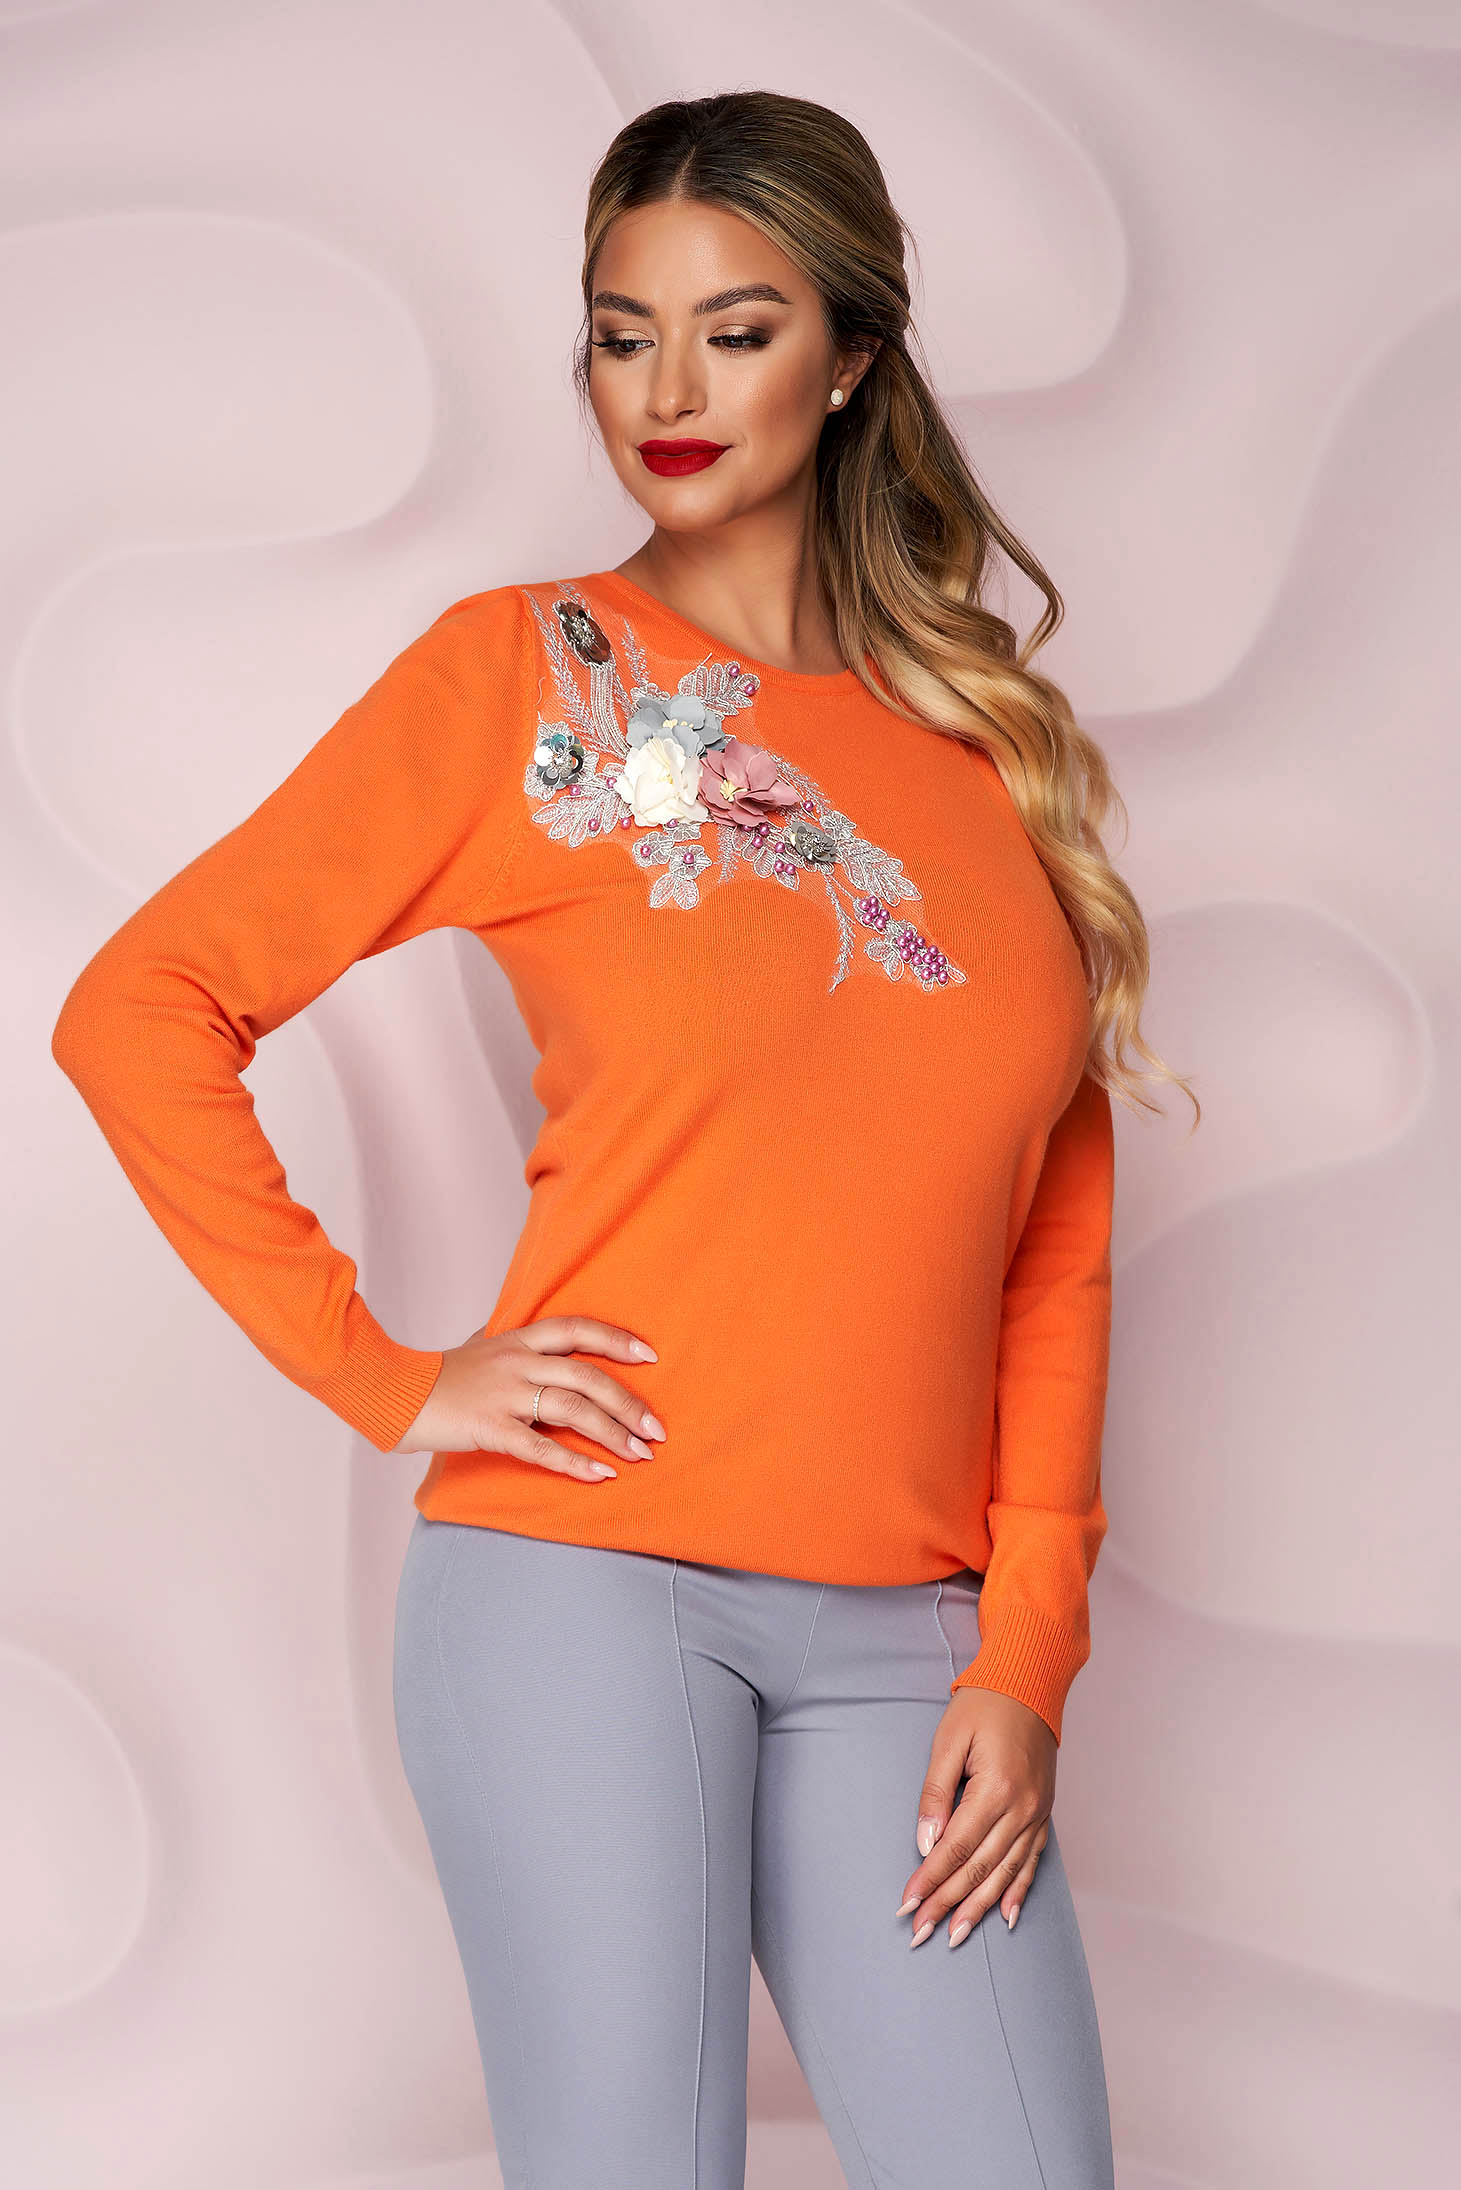 Pulover Lady Pandora portocaliu tricotat cu croi larg cu flori in relief cu efect 3d